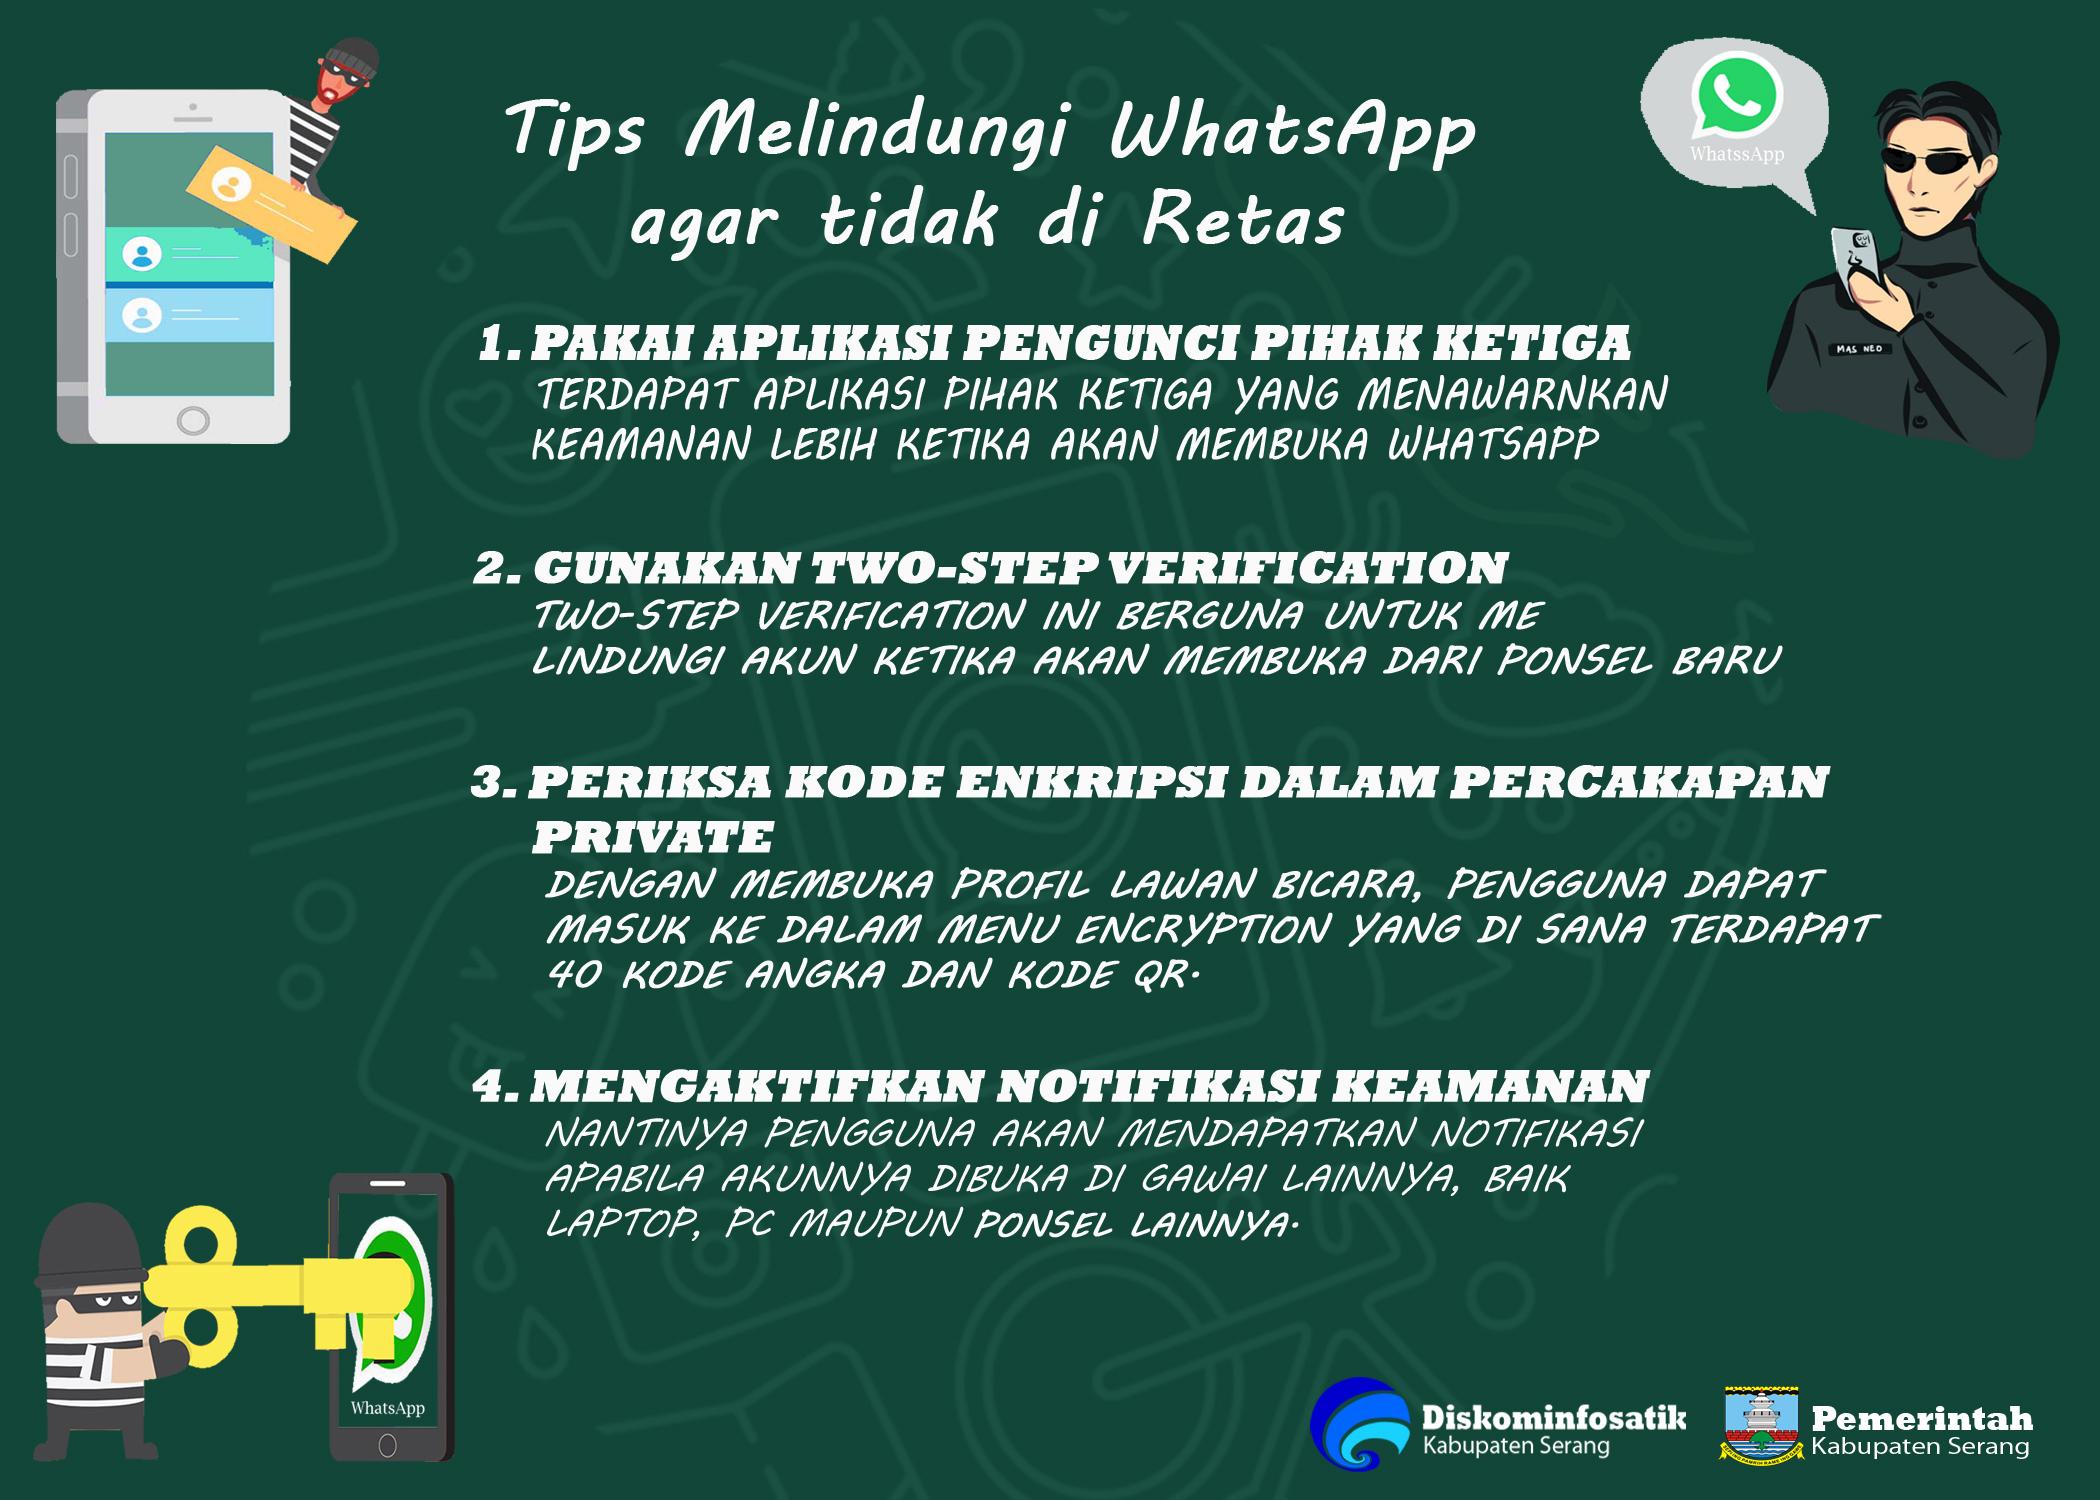 tips-melindungi-whatsapp-agar-tidak-diretas